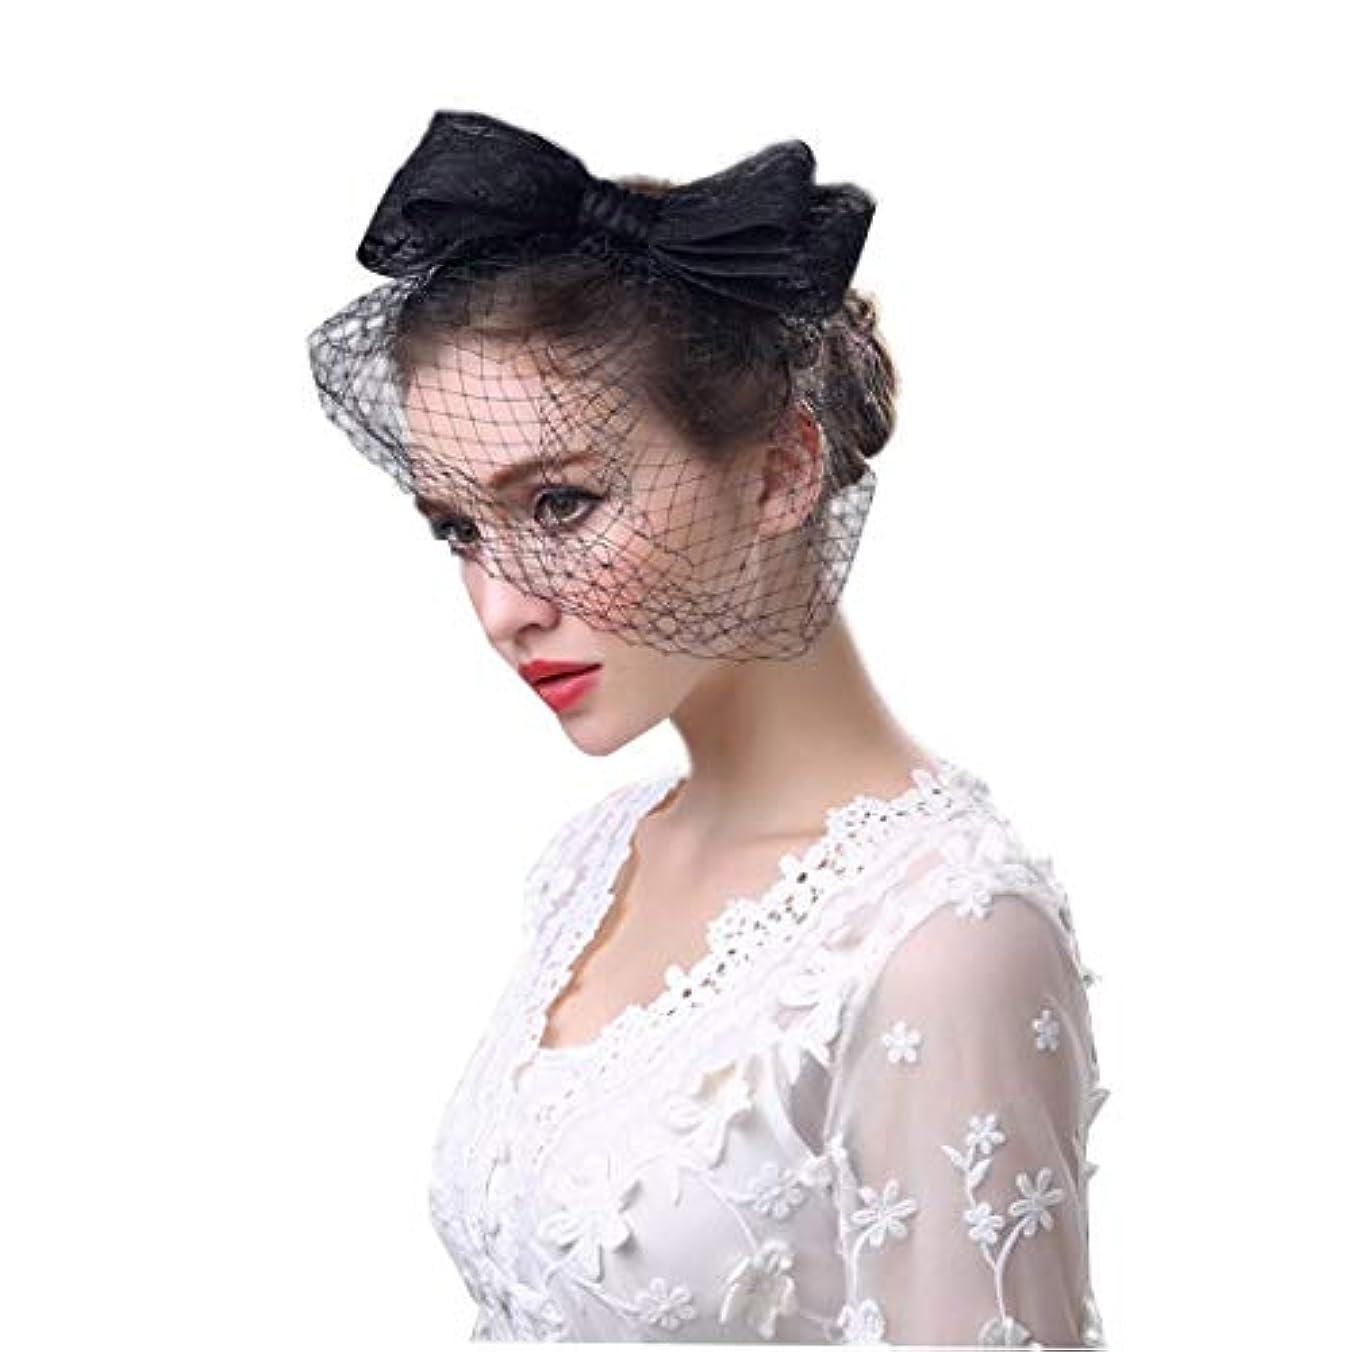 フルーティー家主南西ブライダルヘッドドレス、弓帽子ヴィンテージヘッドドレス手作りイギリスファッションレディースリネン帽子フラワーフェザーメッシュベールウェディングティーパーティー